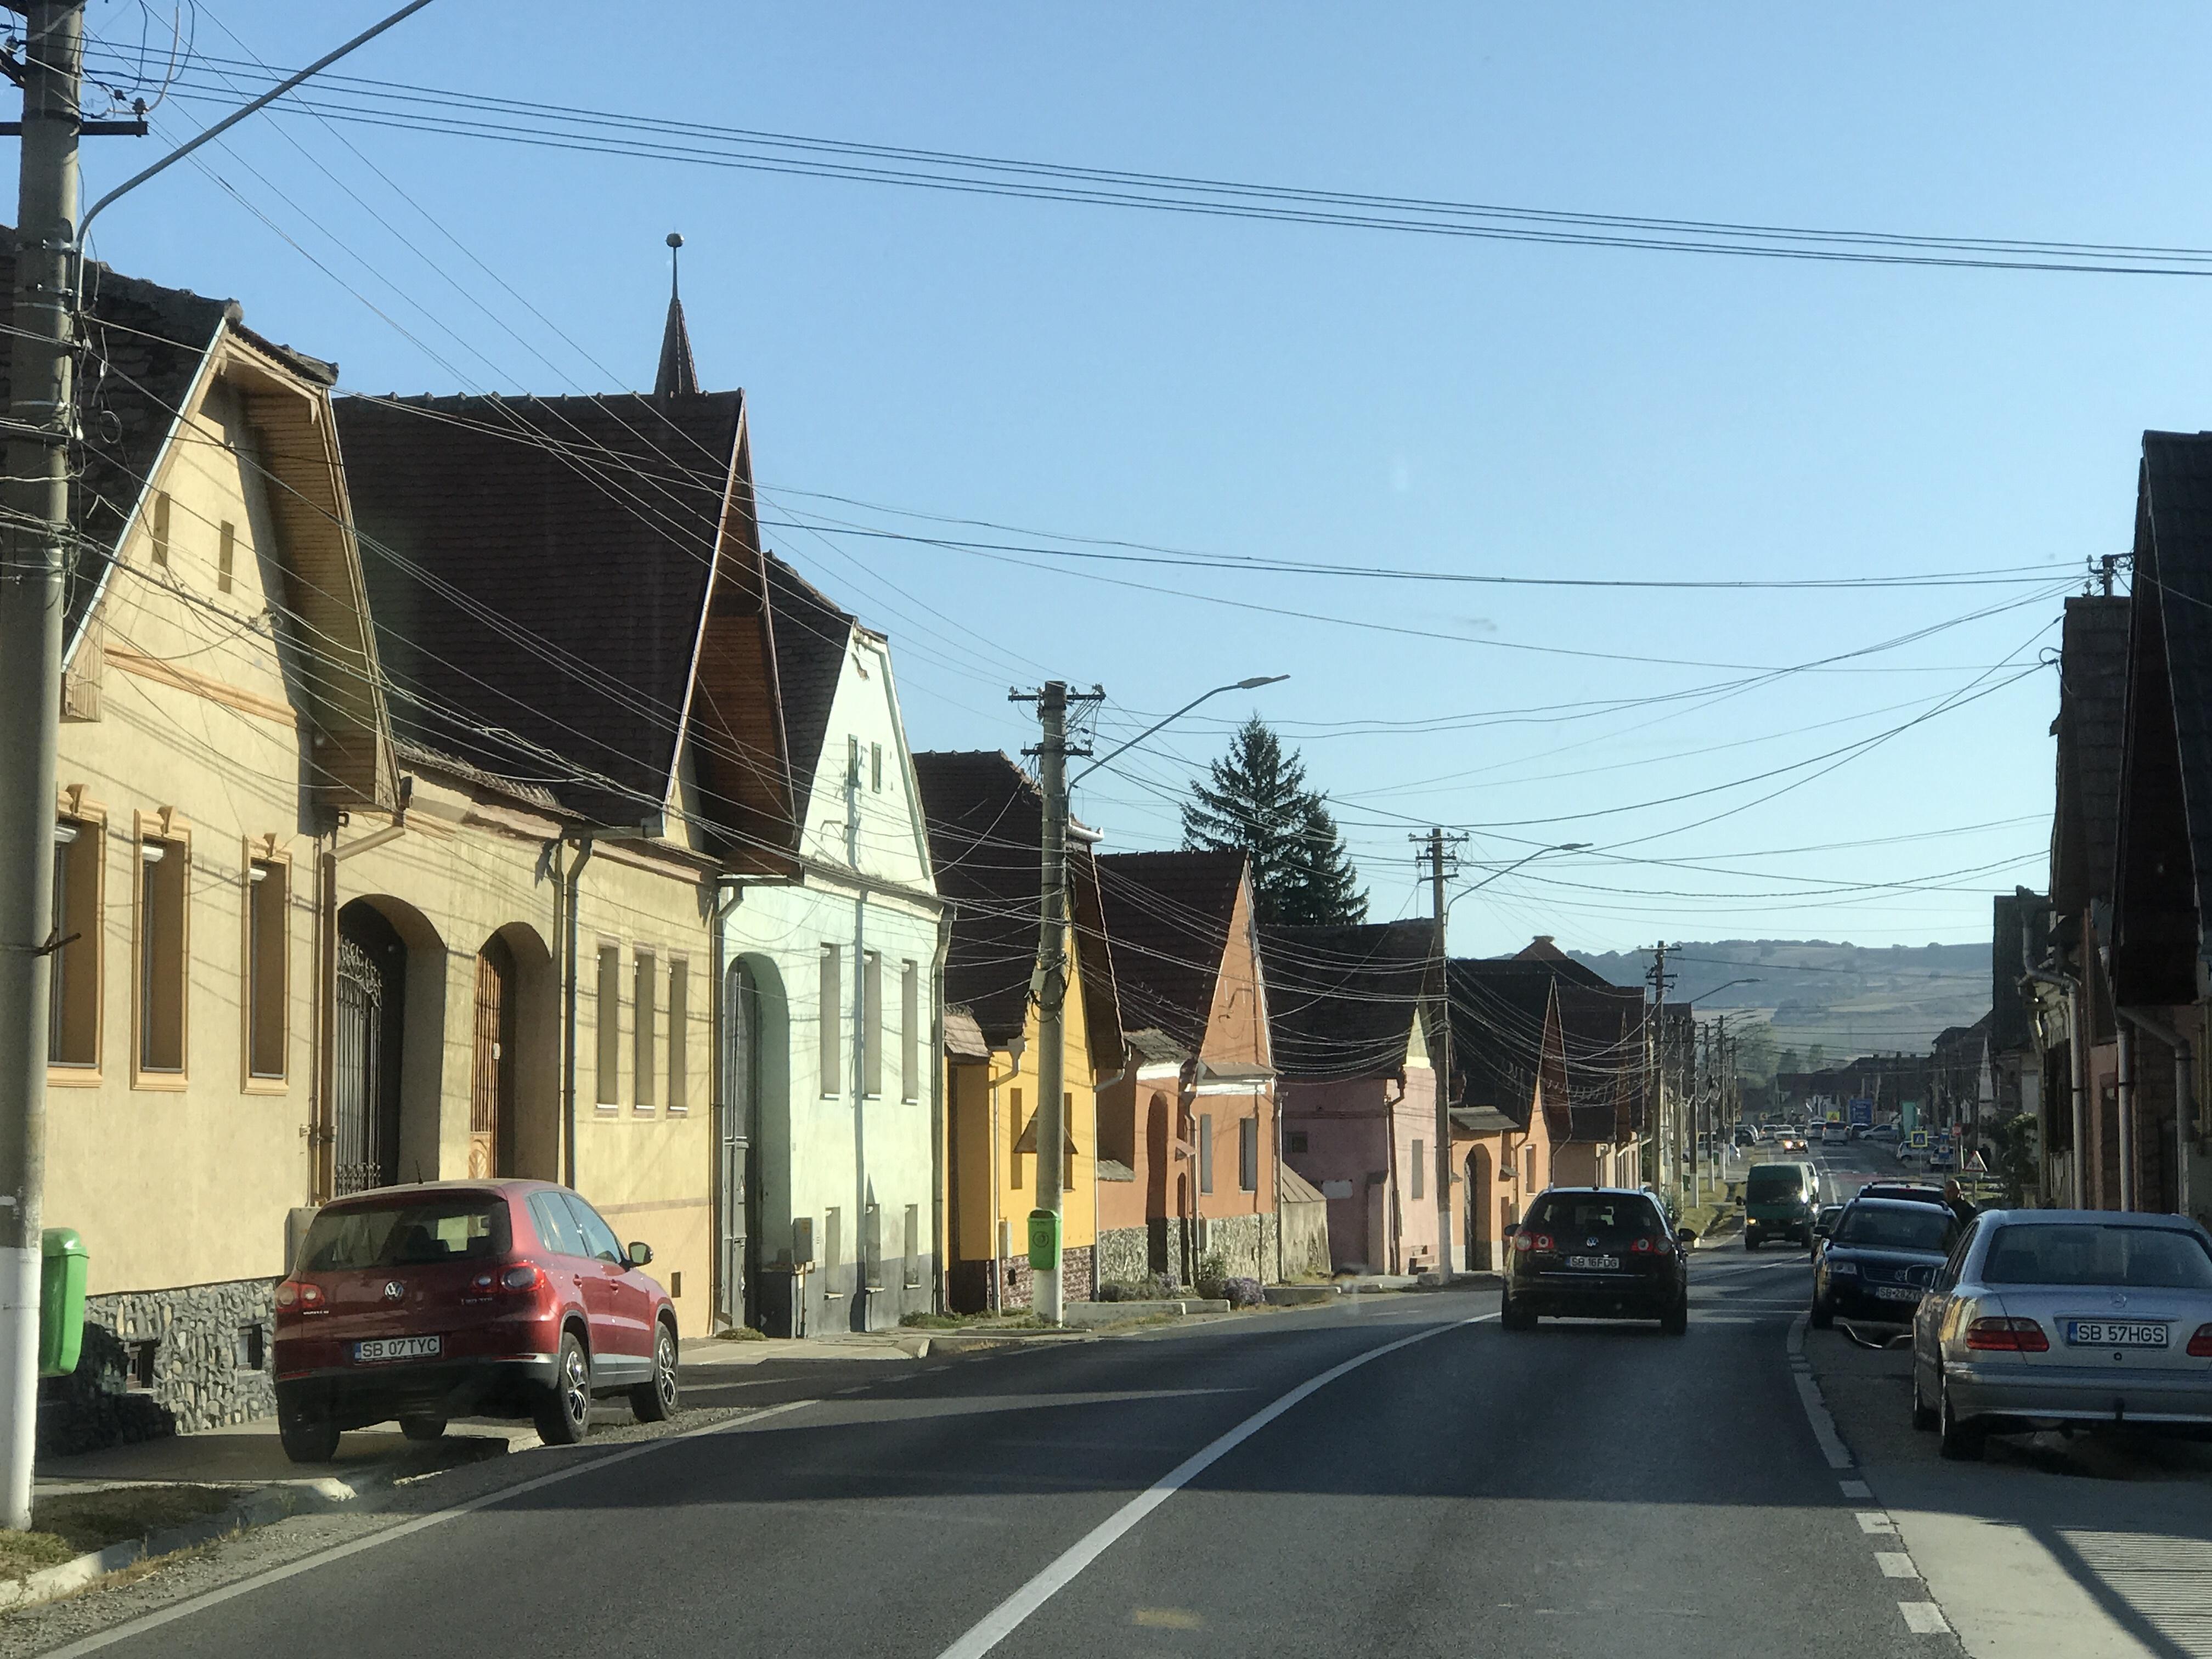 Genom pittoreska landsbyar